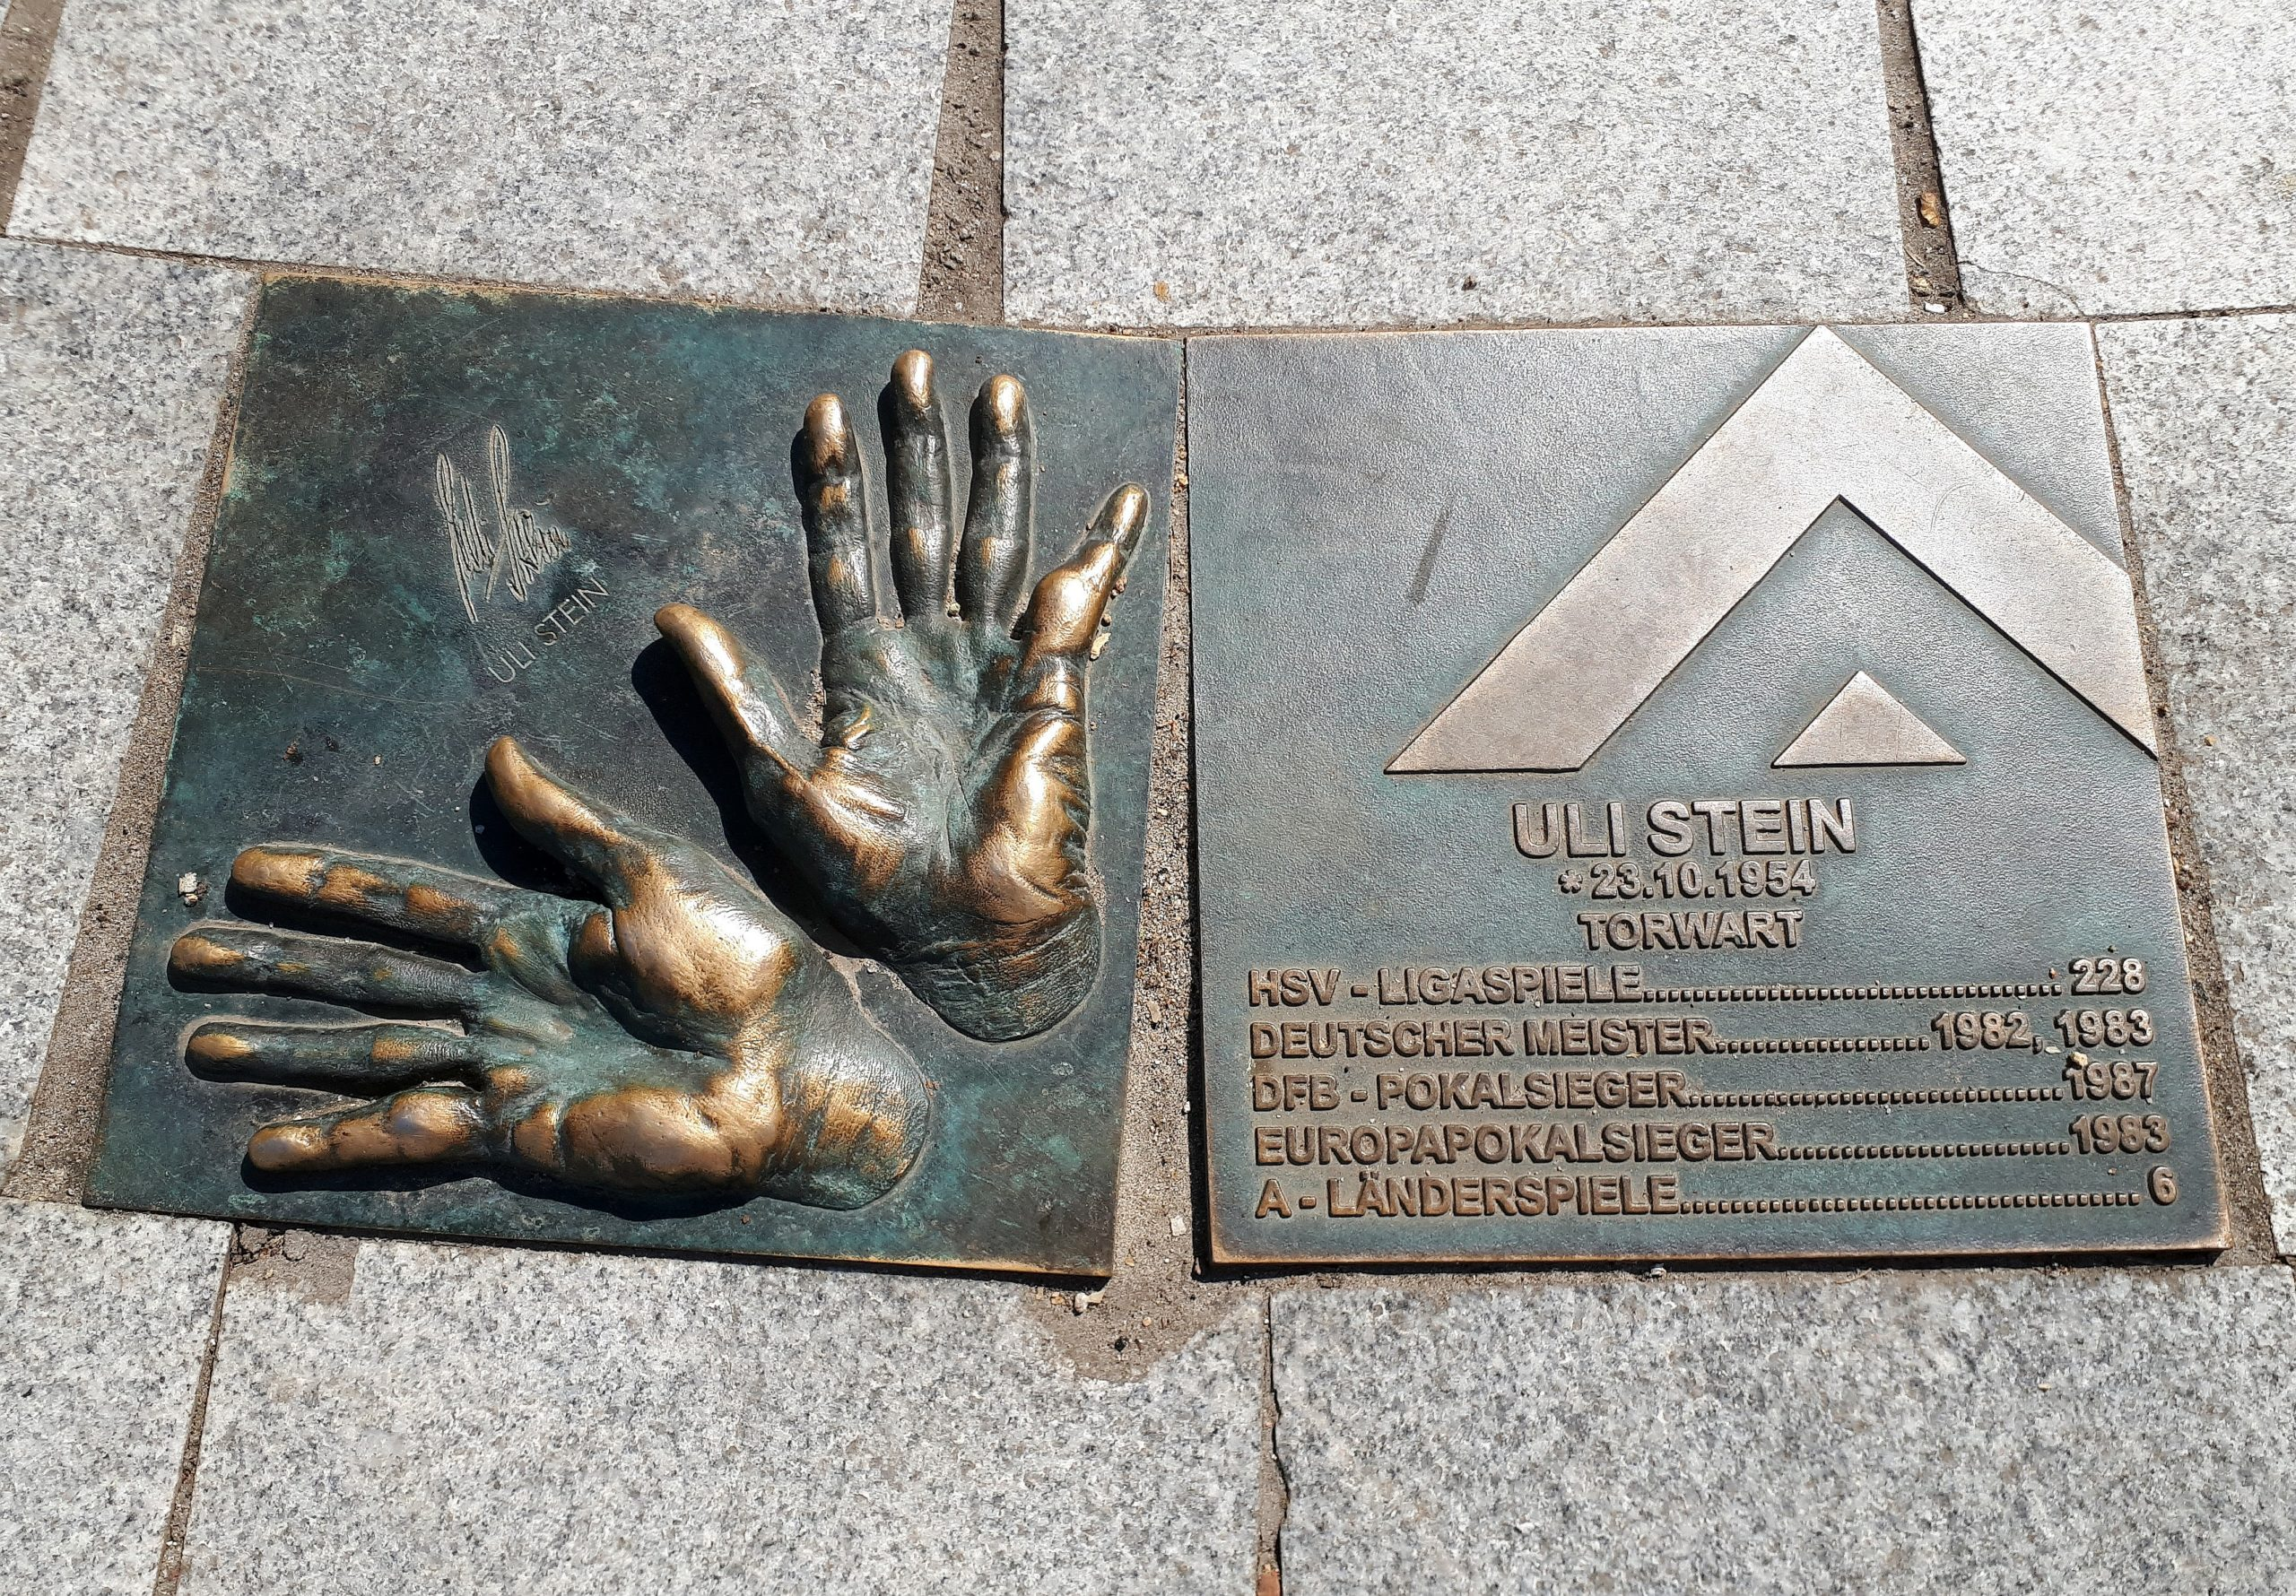 Der Walk of Fame: Uli Stein